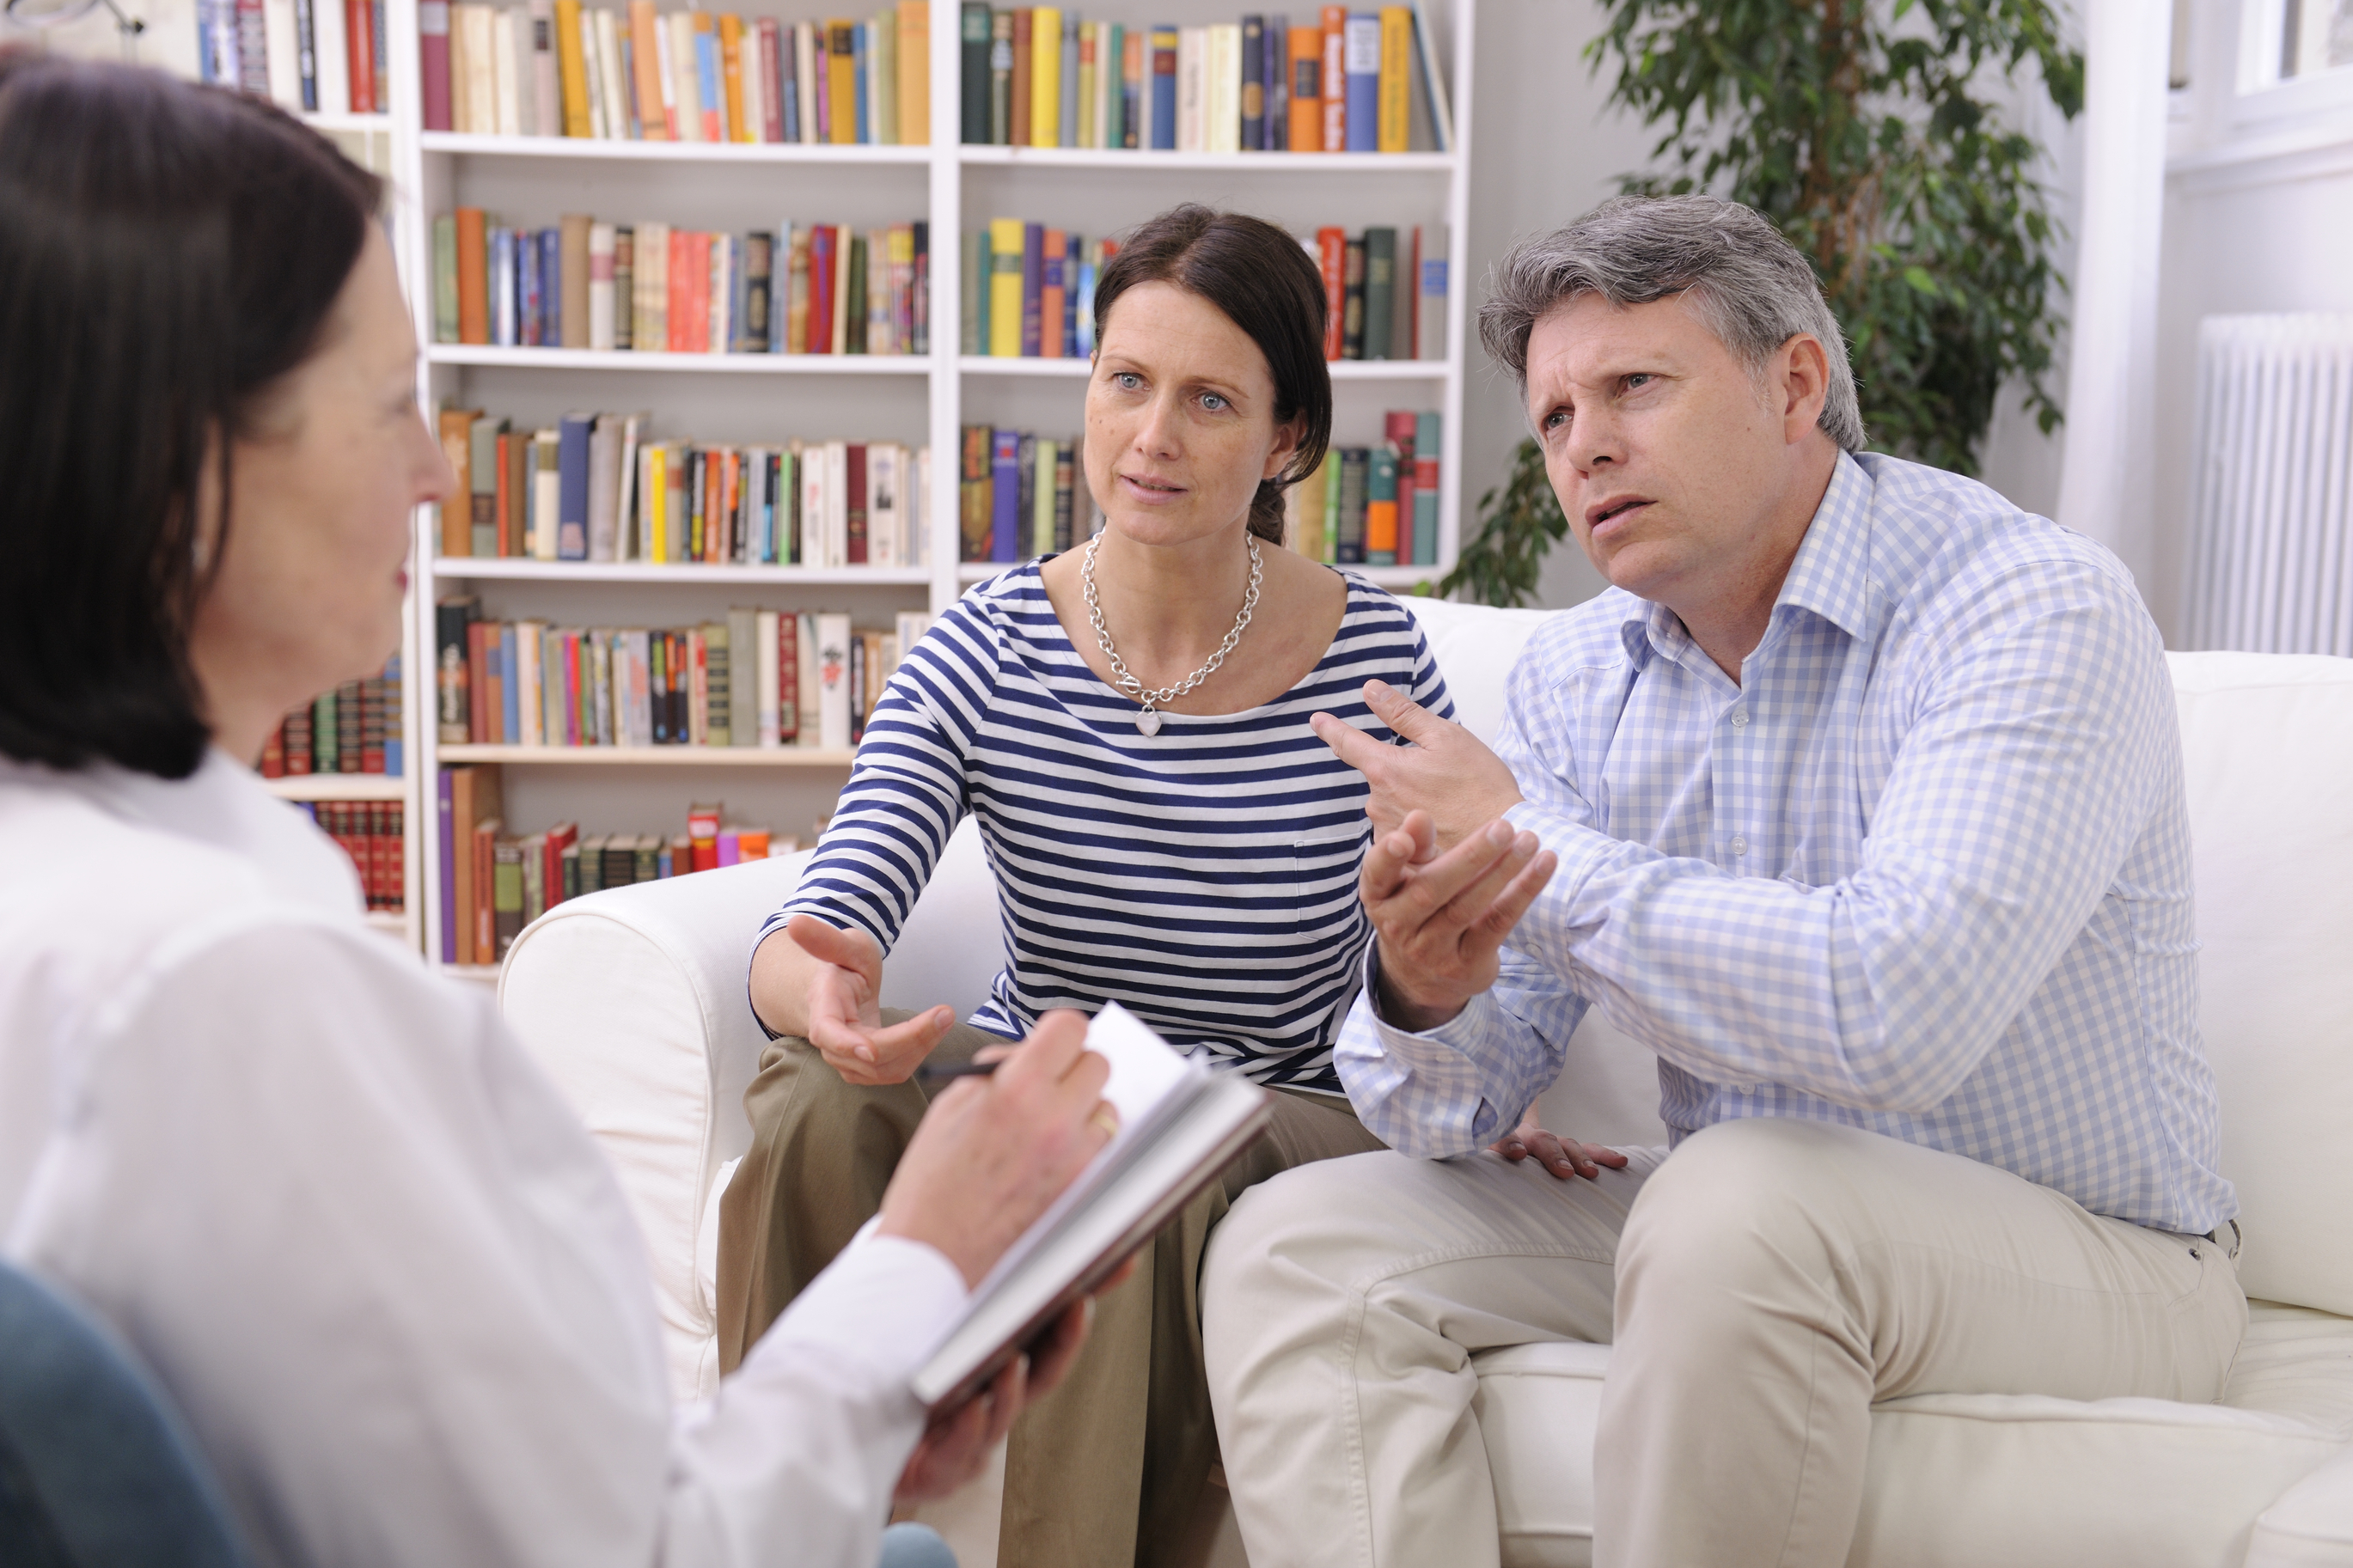 Психолого-педагогическая экспертиза: какие факторы влияют на заключение экспертизы?